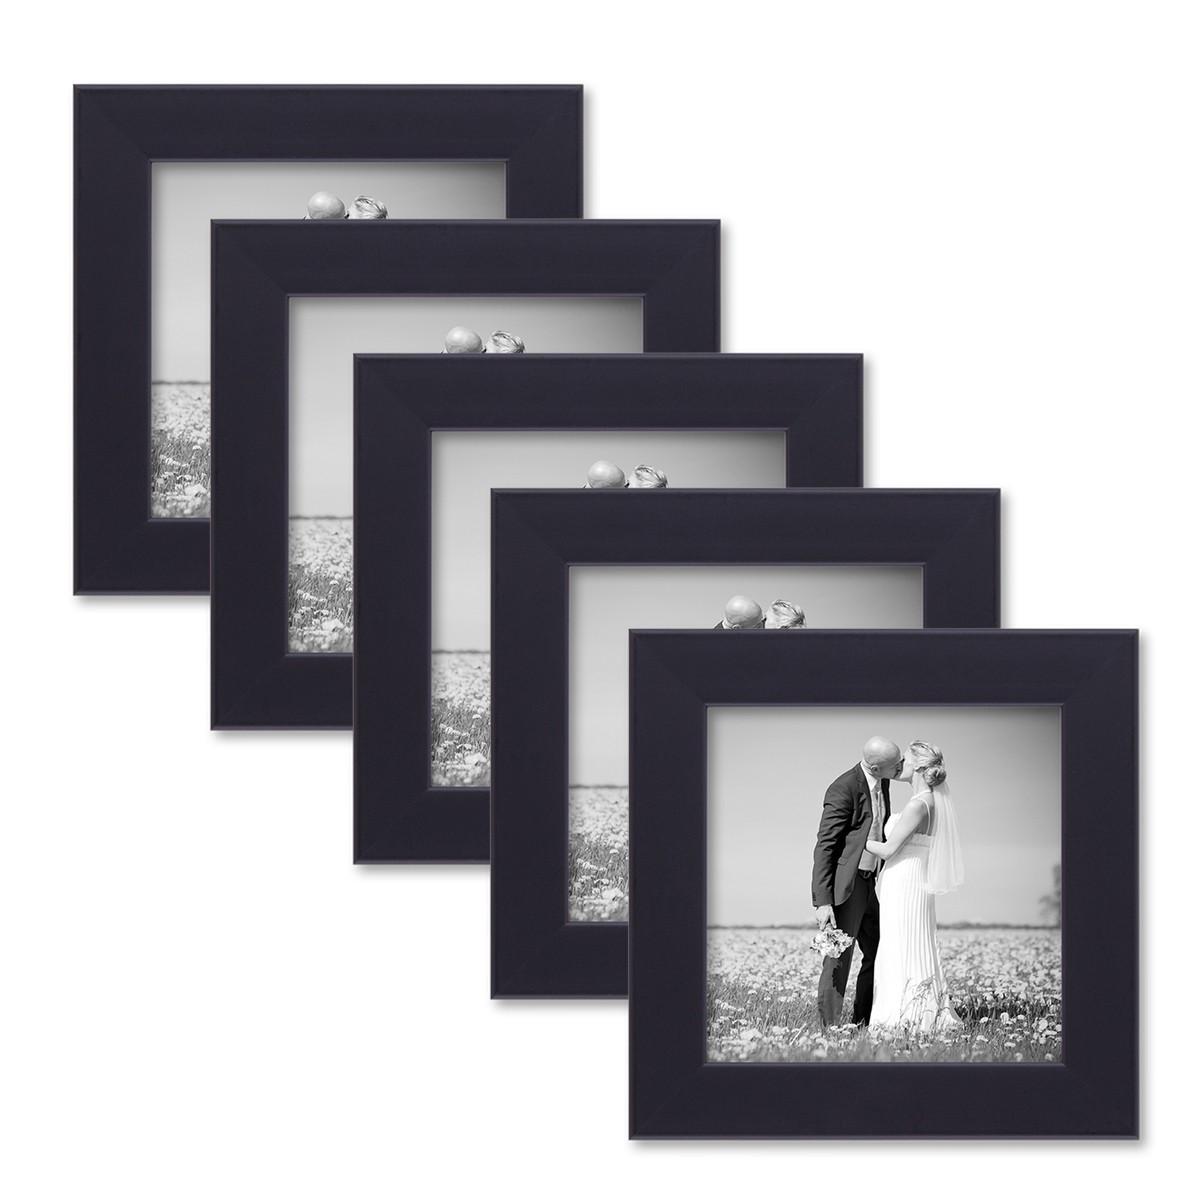 5er set bilderrahmen 10x10 cm schwarz modern aus mdf mit glasscheibe und zubeh r fotorahmen. Black Bedroom Furniture Sets. Home Design Ideas